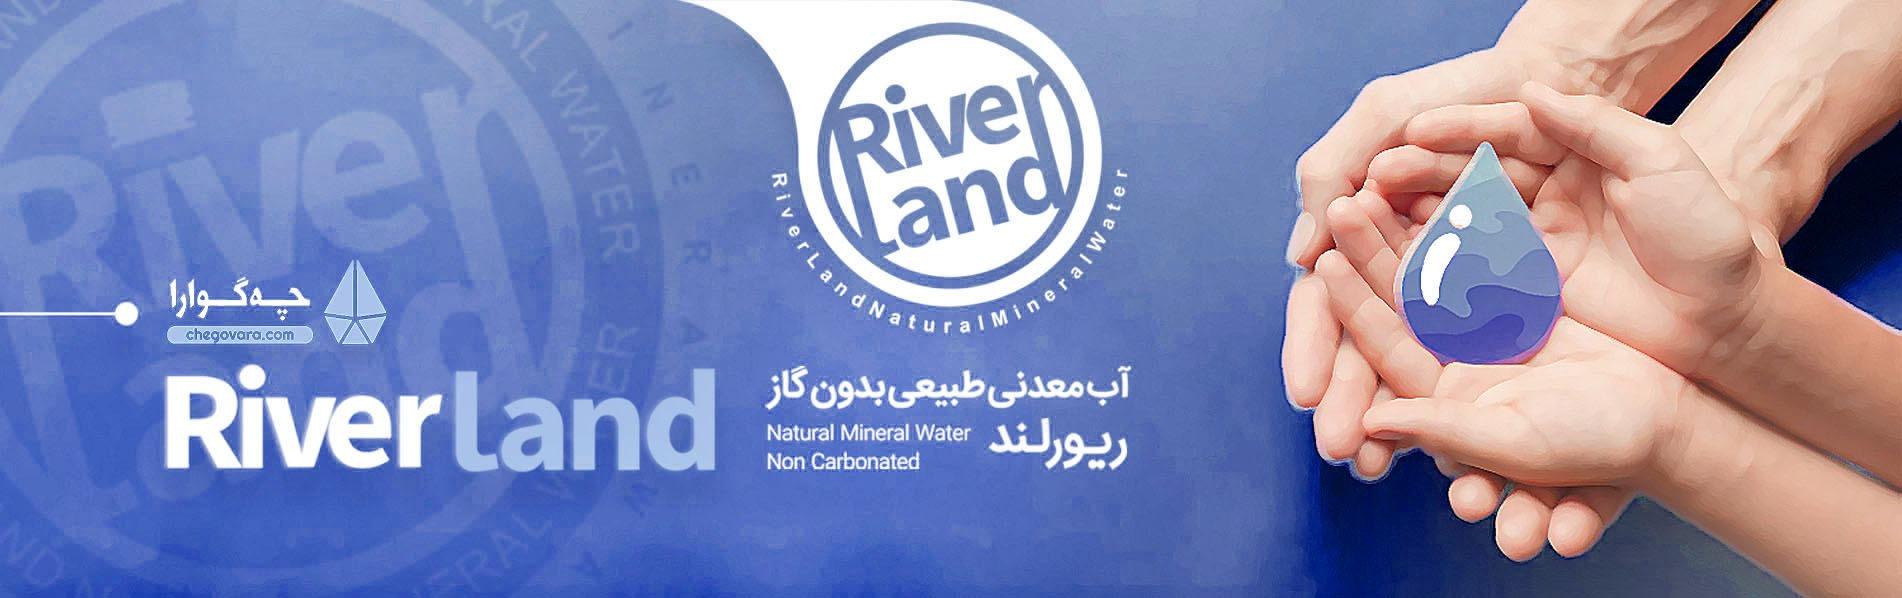 آب معدنی ریورلند